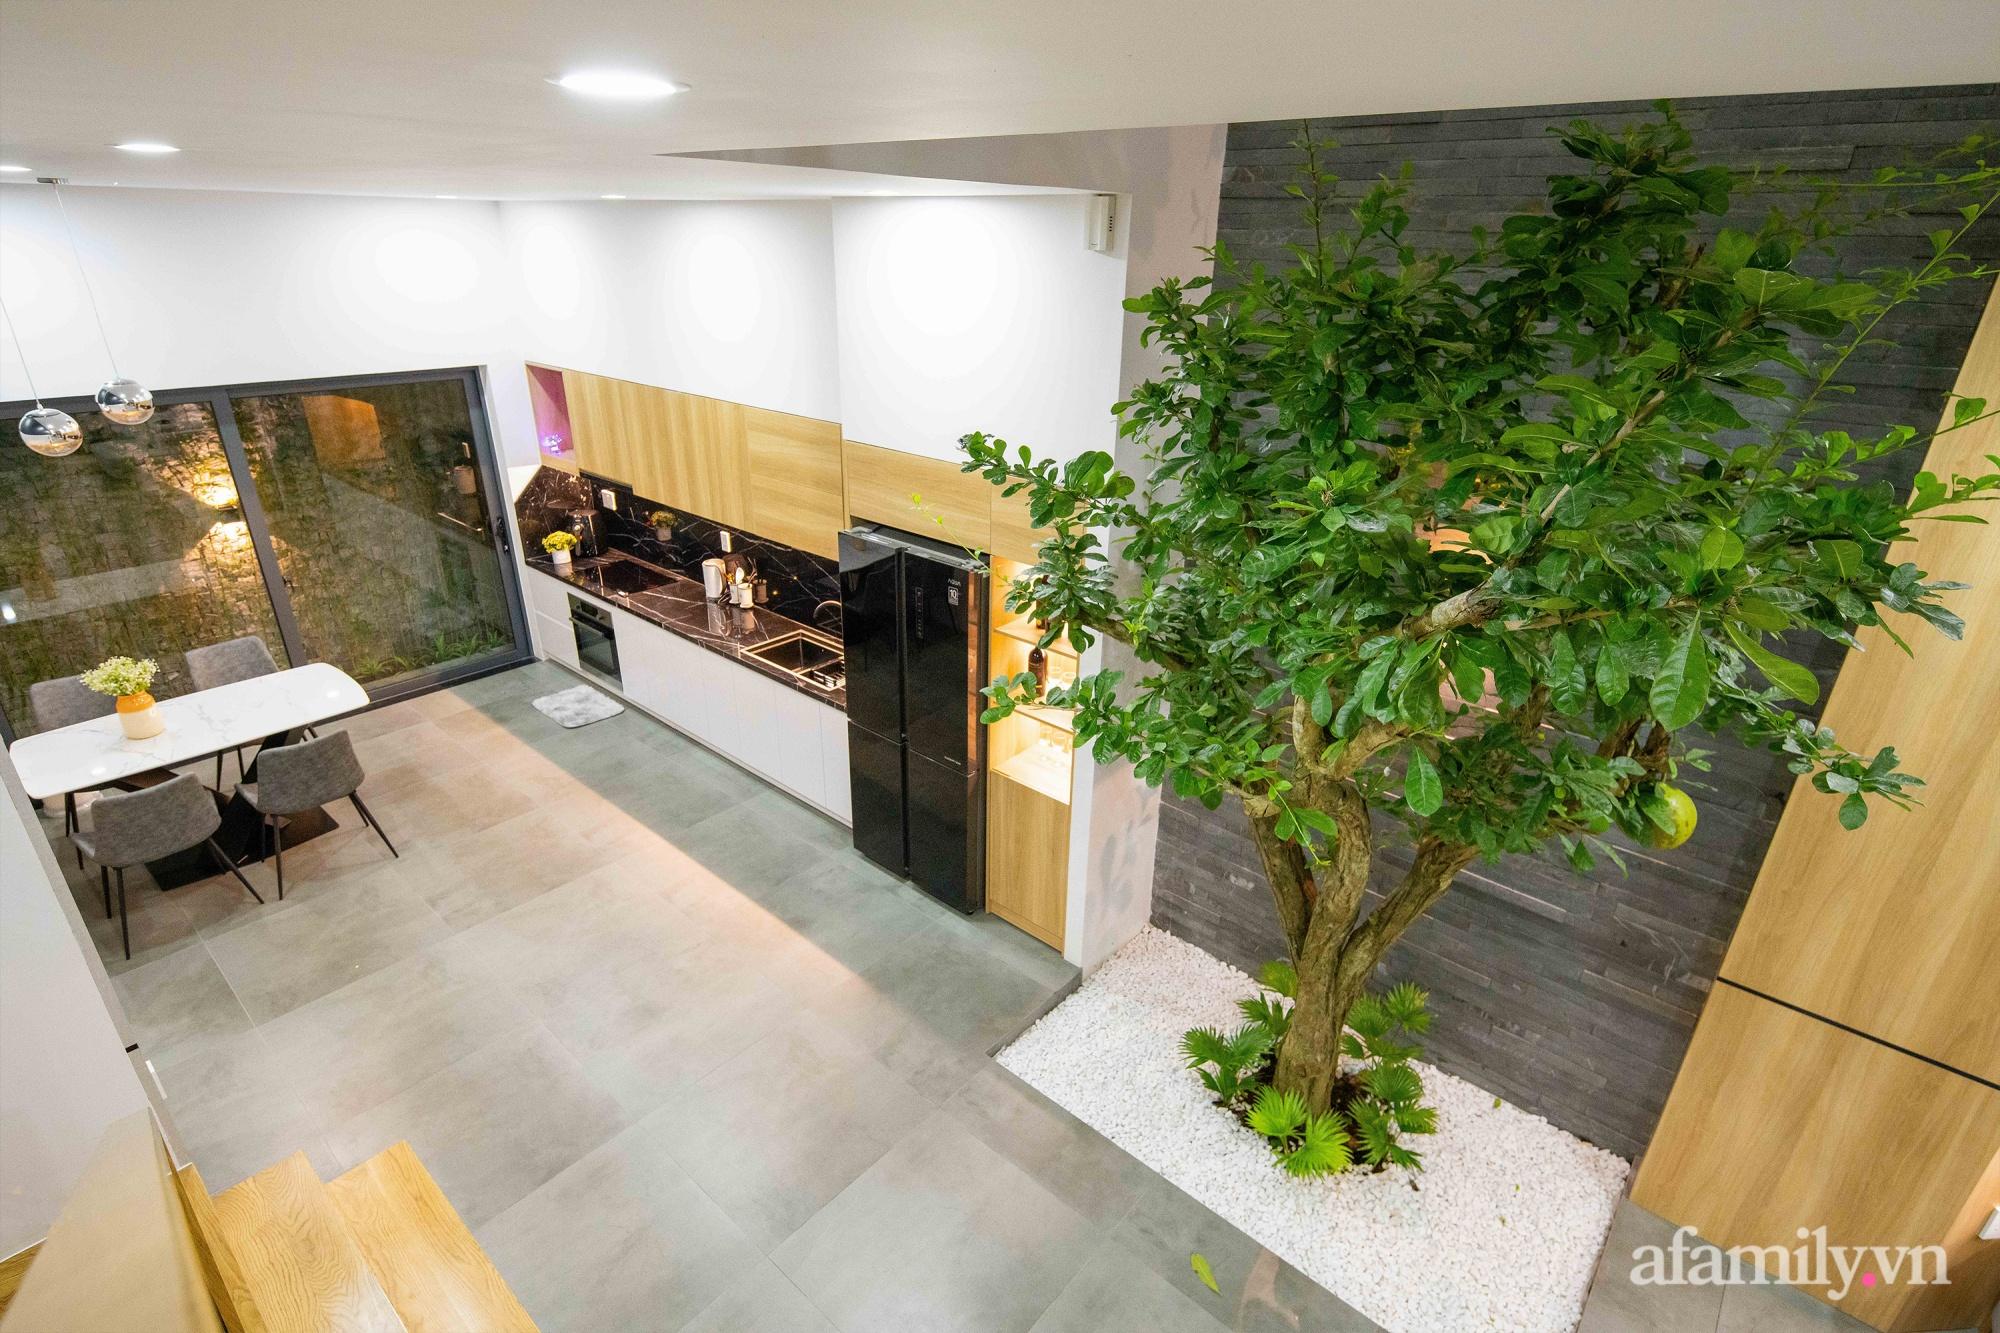 Nhà phố 3 tầng đẹp hiện đại với phong cách tối giản ngập tràn ánh sáng và cây xanh ở Đà Nẵng - Ảnh 9.